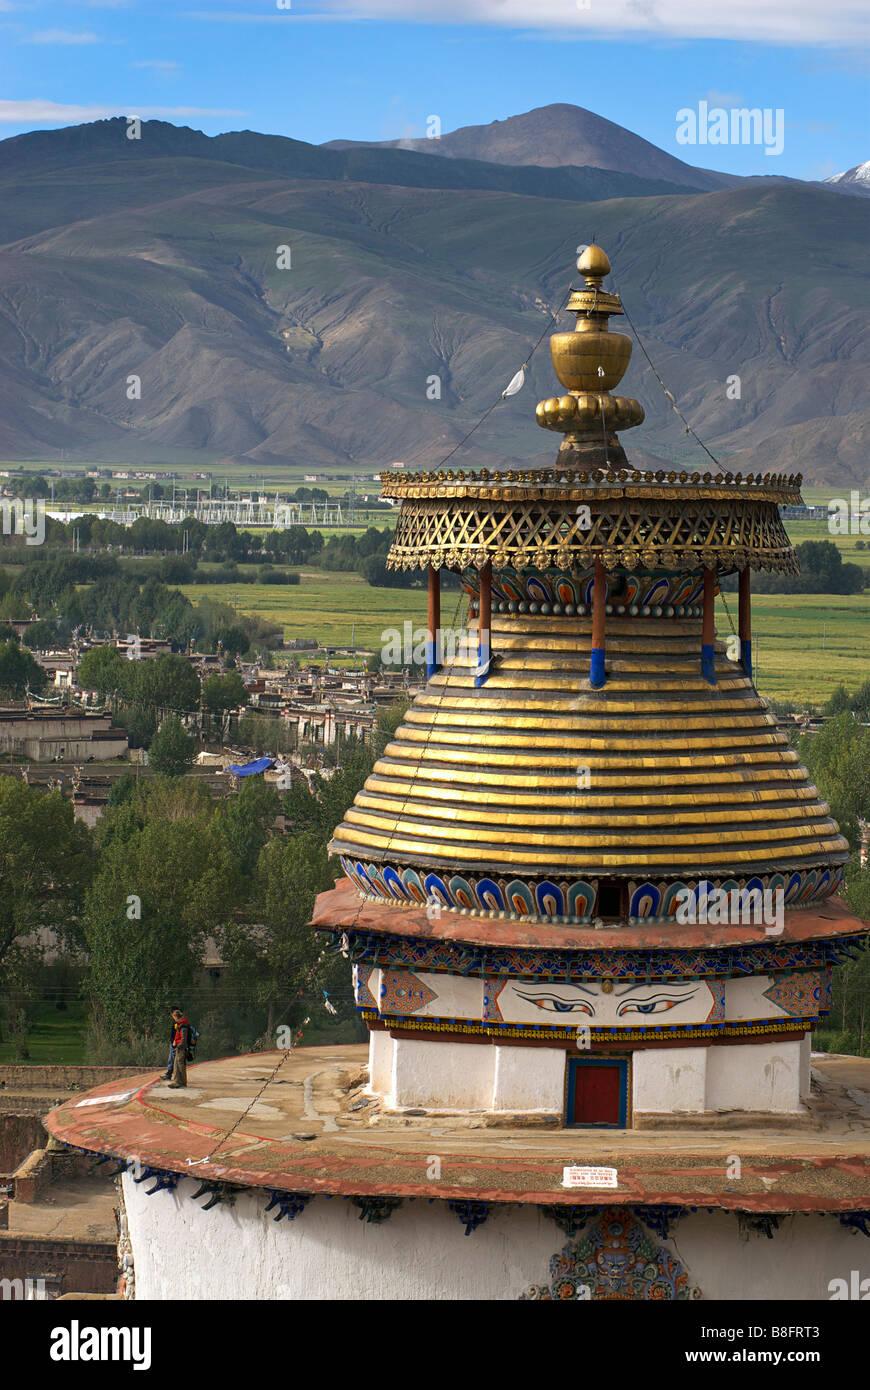 Kumbum Pelkor Chöde monastery, Gyantse, Tibet - Stock Image